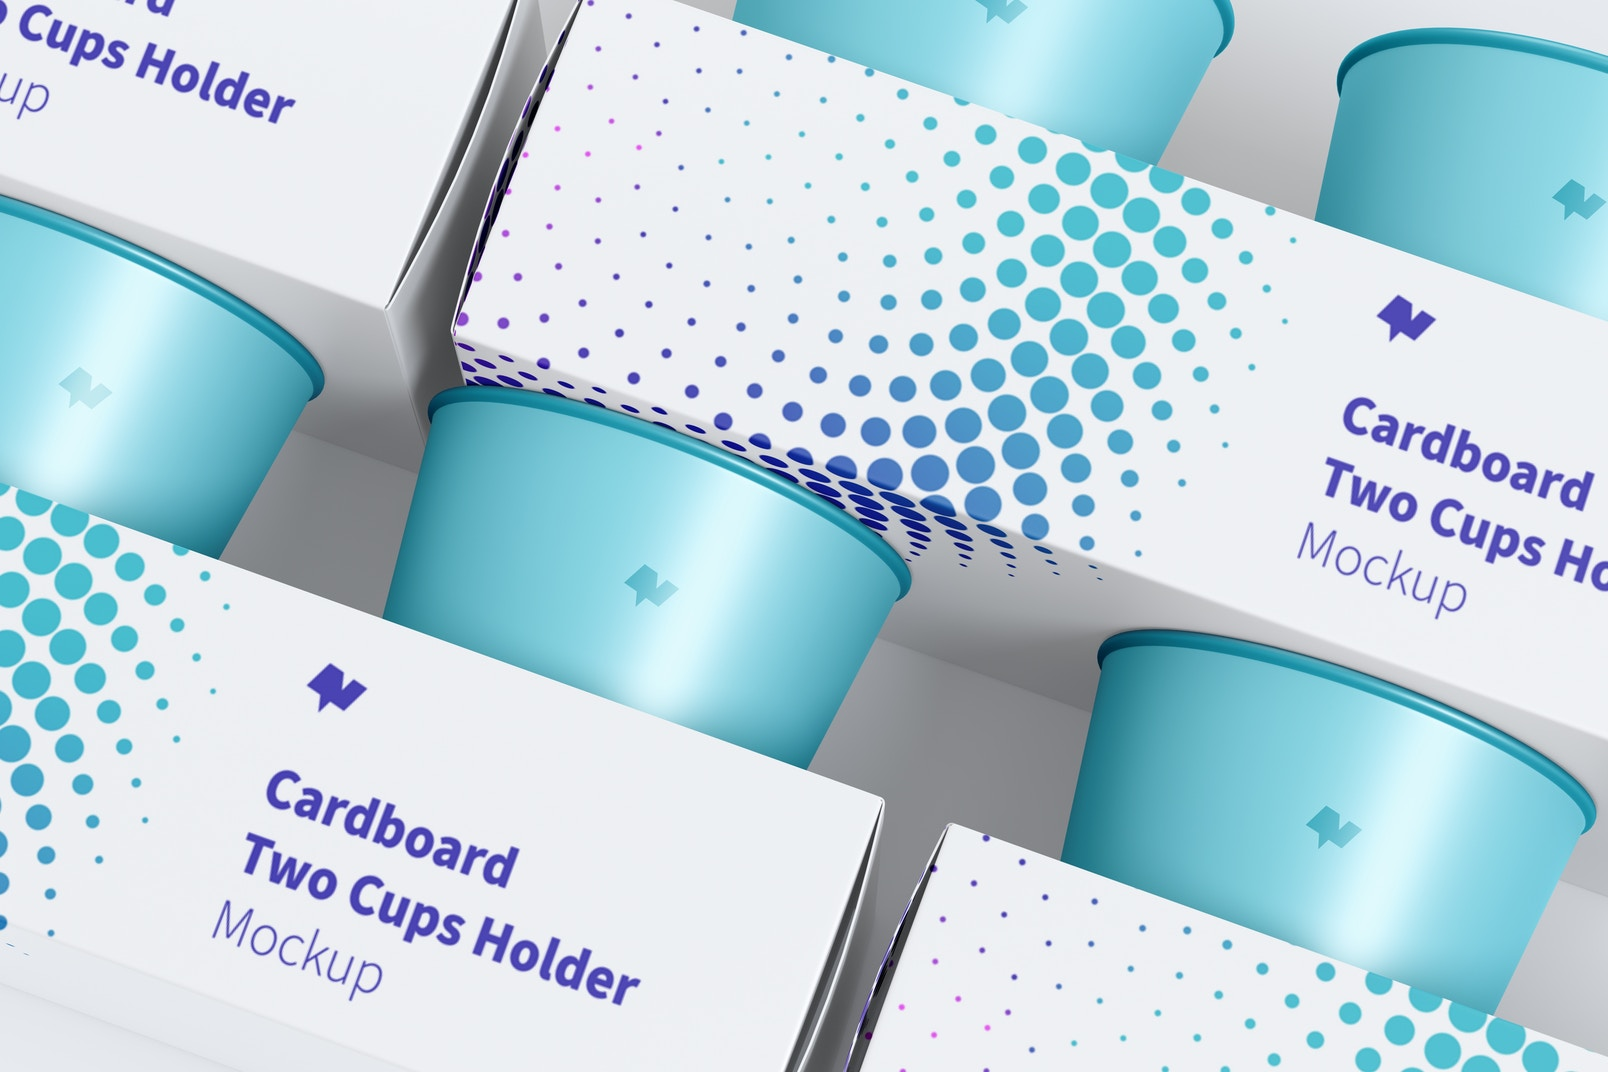 Maqueta de Juego de Portavasos de Cartón para 2 Vasos, Primer Plano